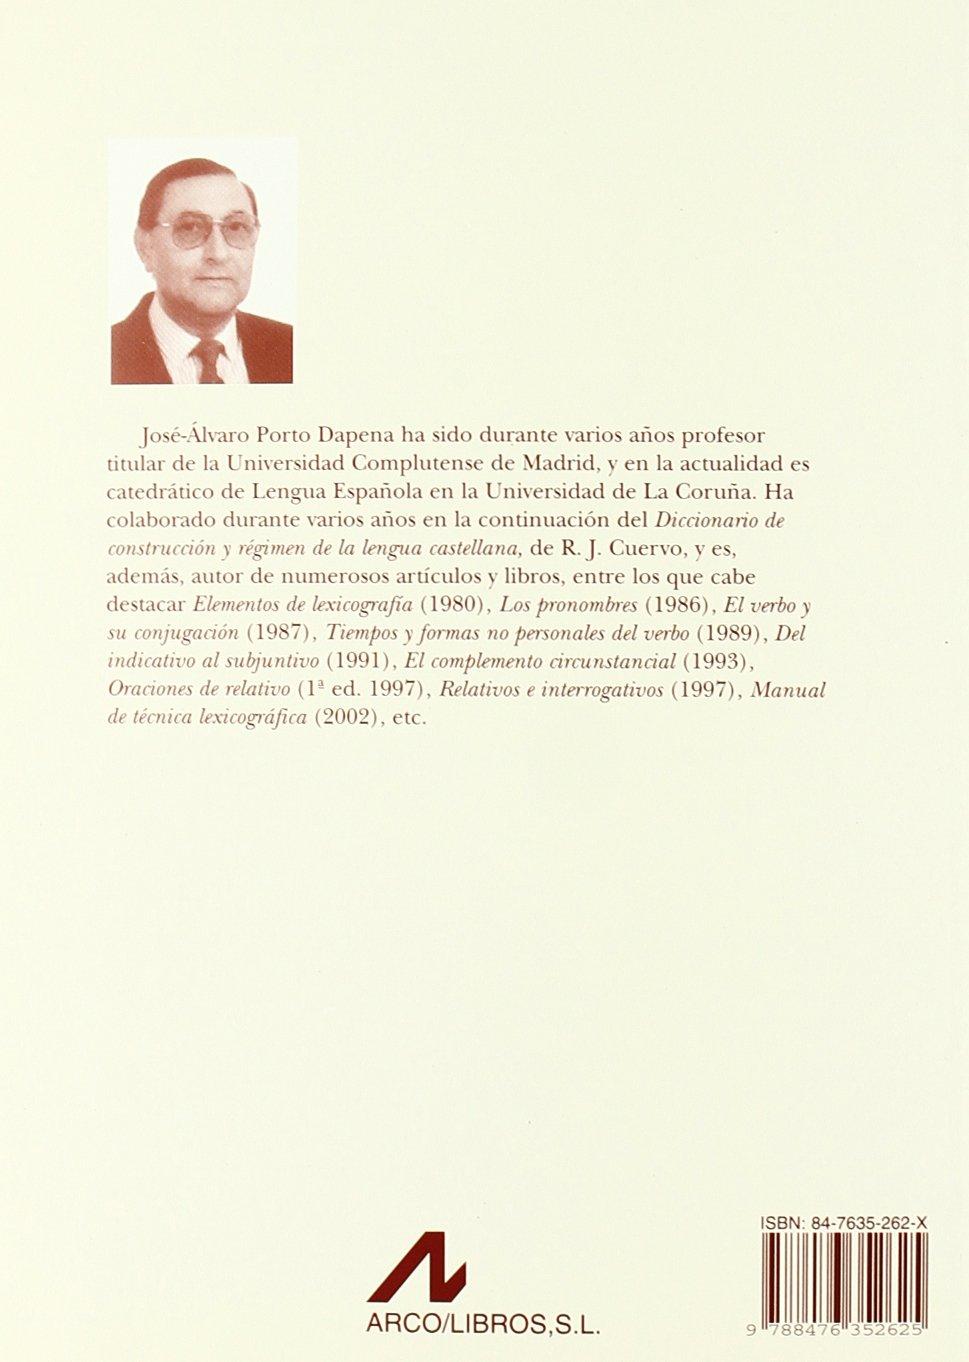 Oraciones de relativo p Cuadernos de lengua española: Amazon.es: José Álvaro Porto Dapena: Libros